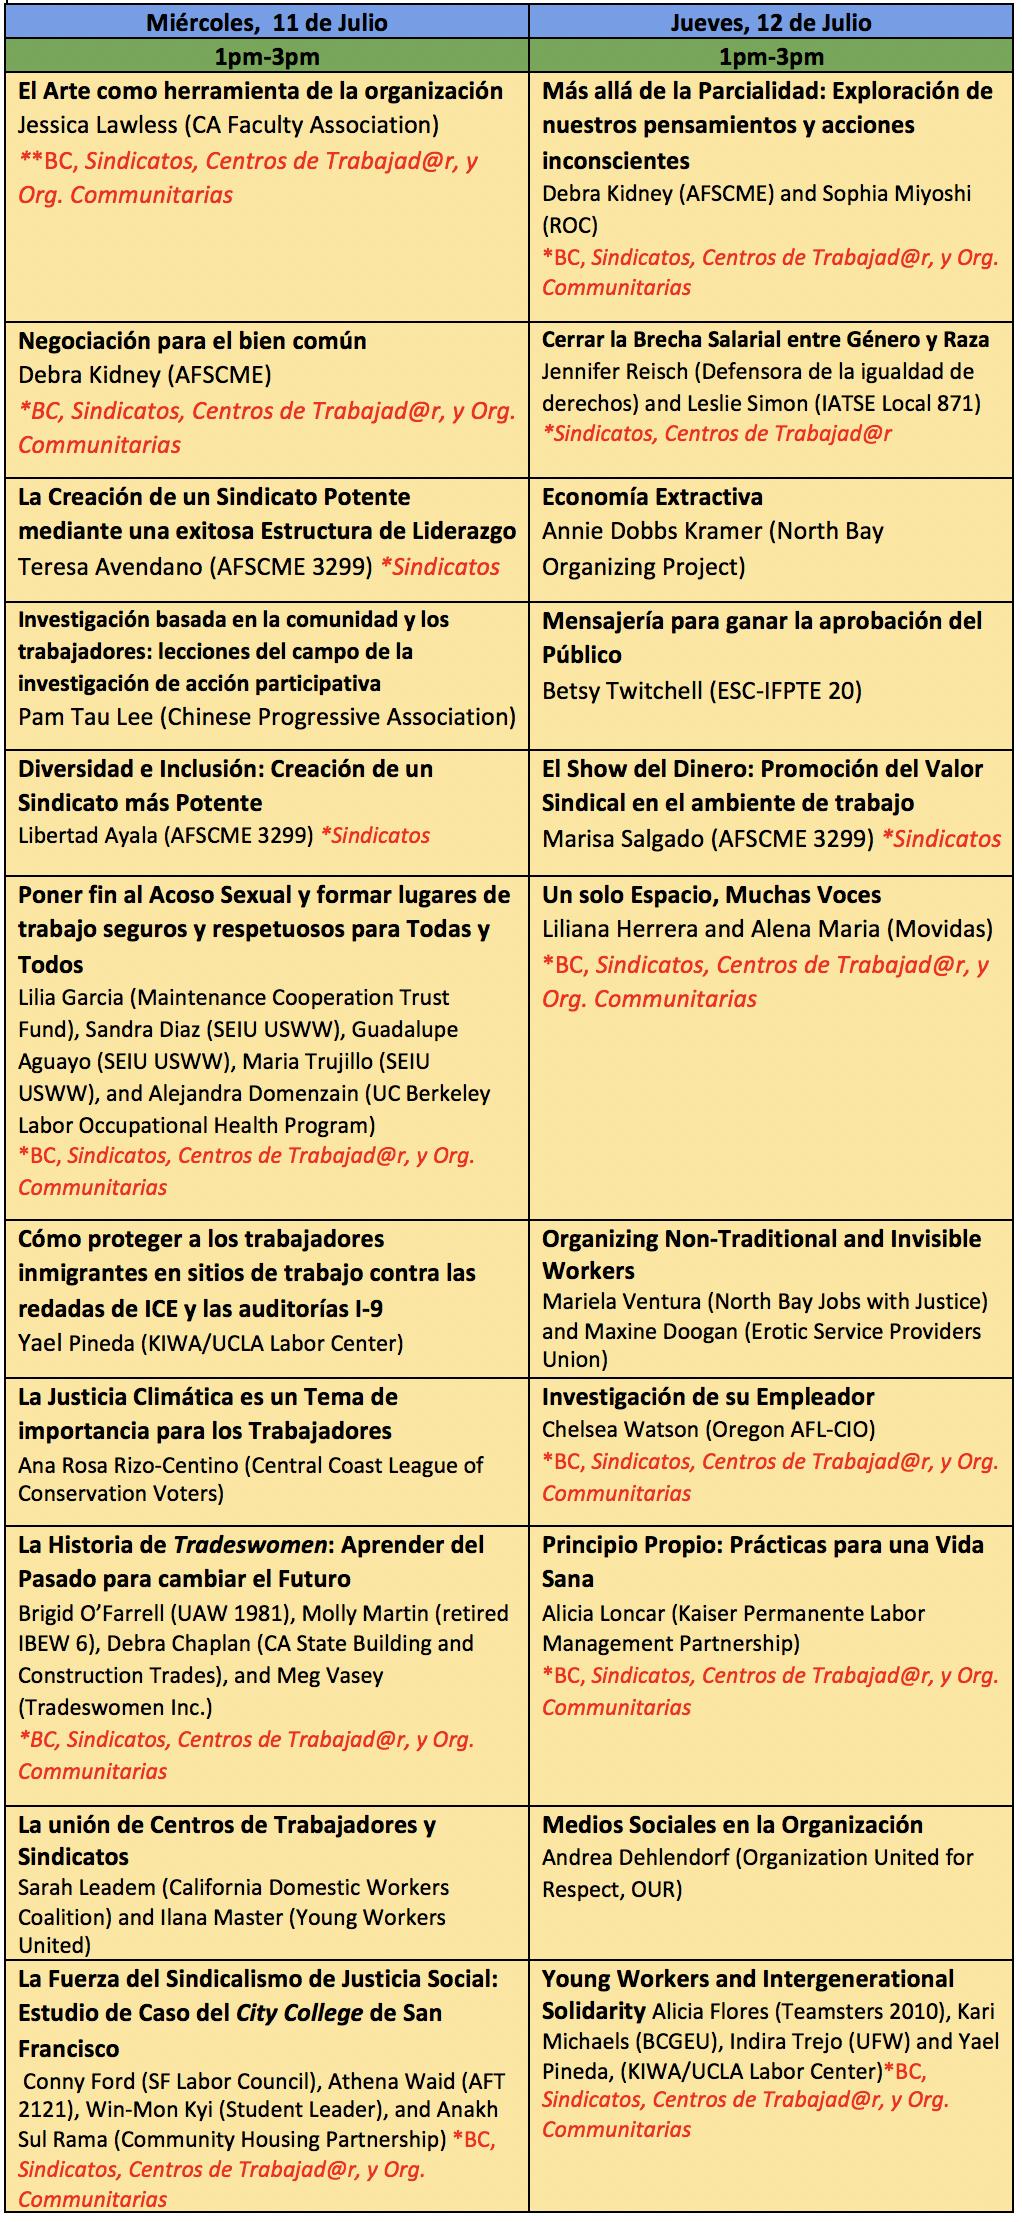 Instituto de Verano sobre Mujeres Sindicalista   Center for Labor ...